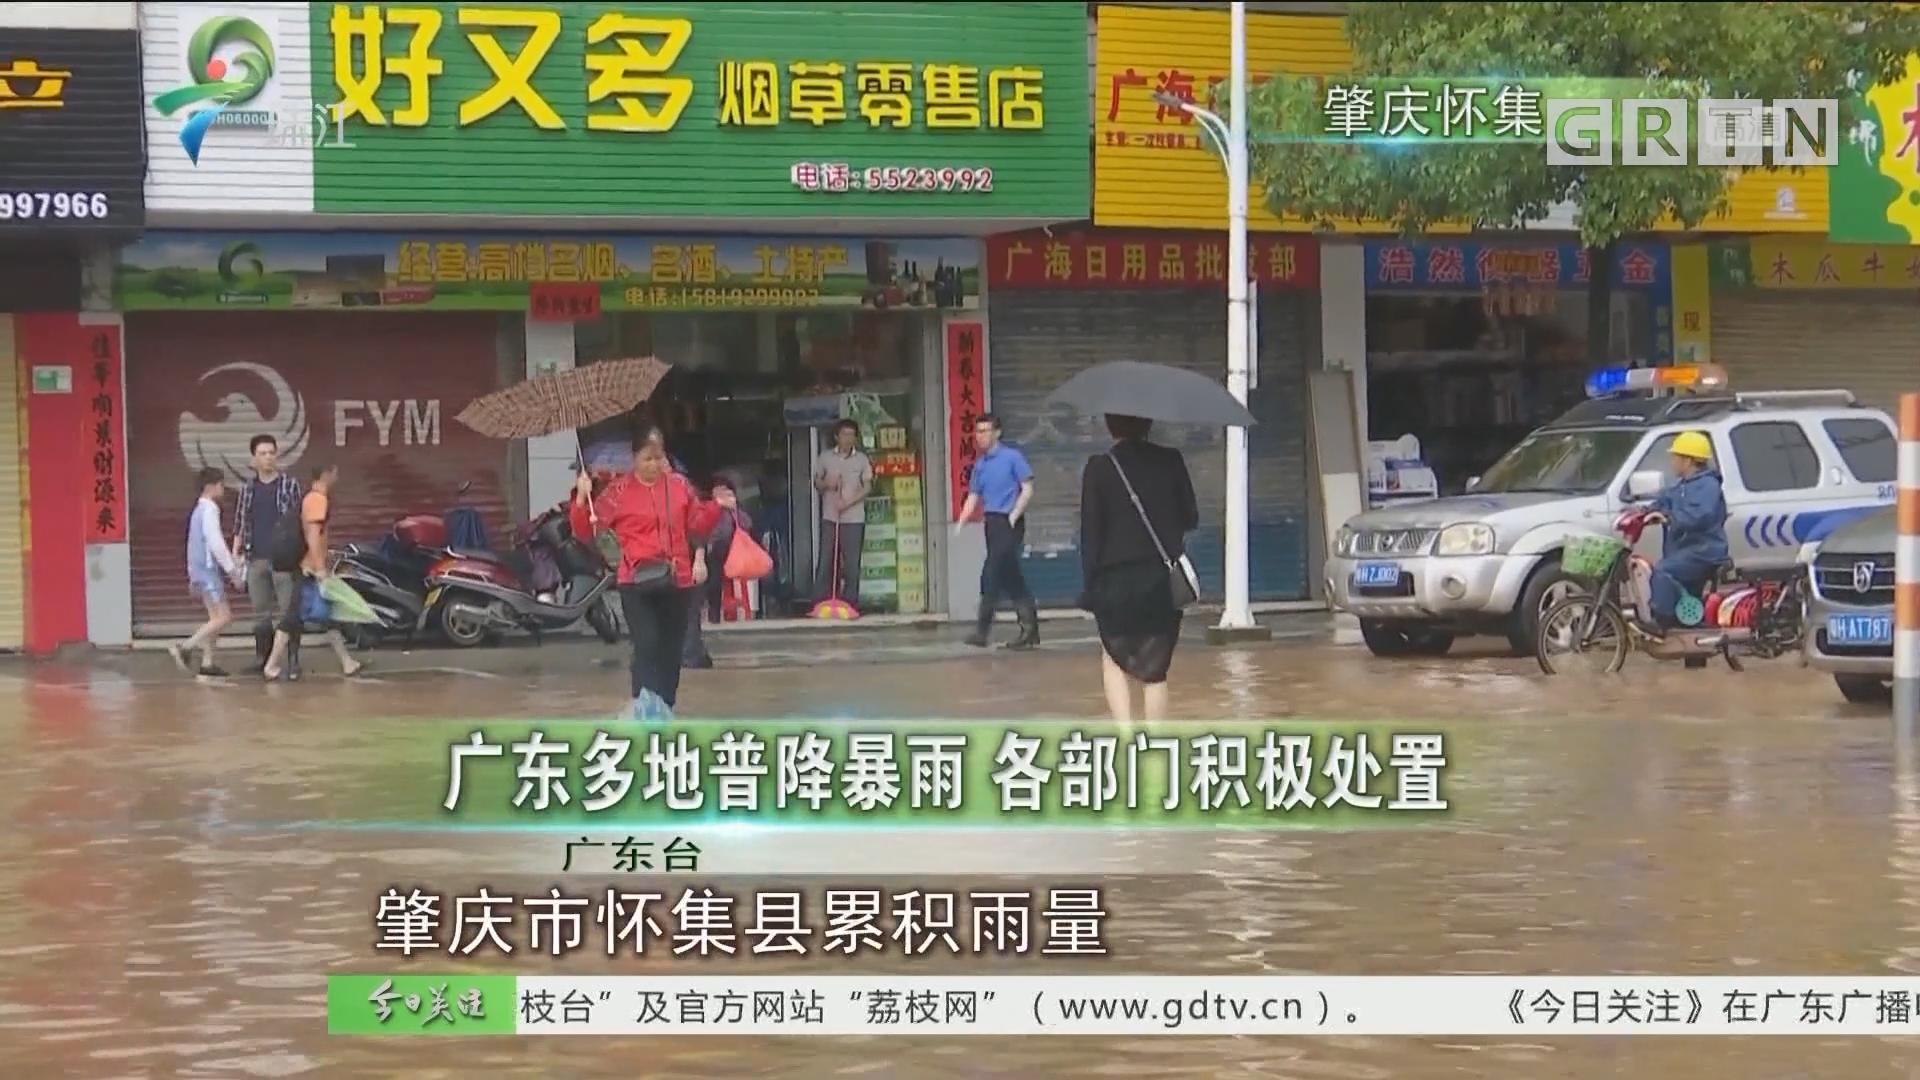 广东多地普降暴雨 各部门积极处置